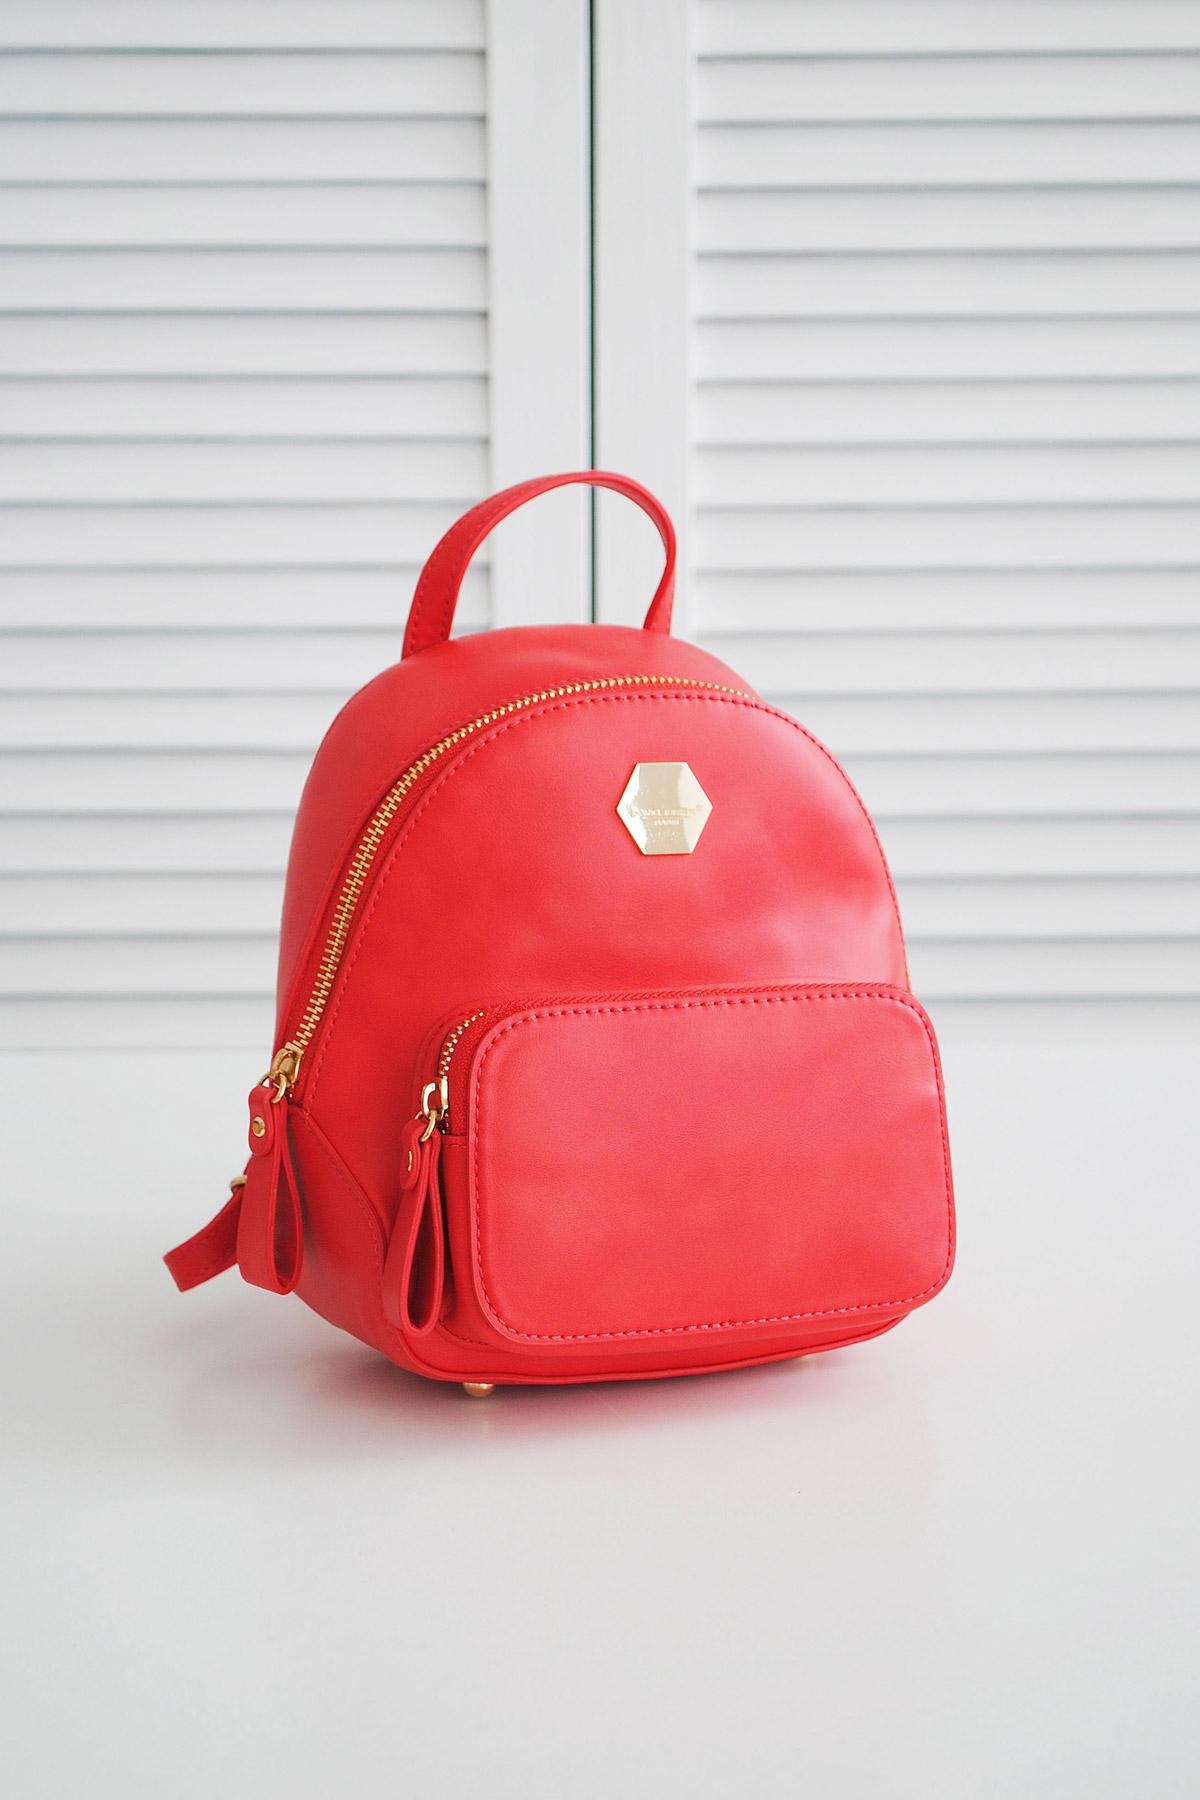 8c553d997b91 маленький женский рюкзак красного цвета. Рюкзак 5526-2. Цвет: красный